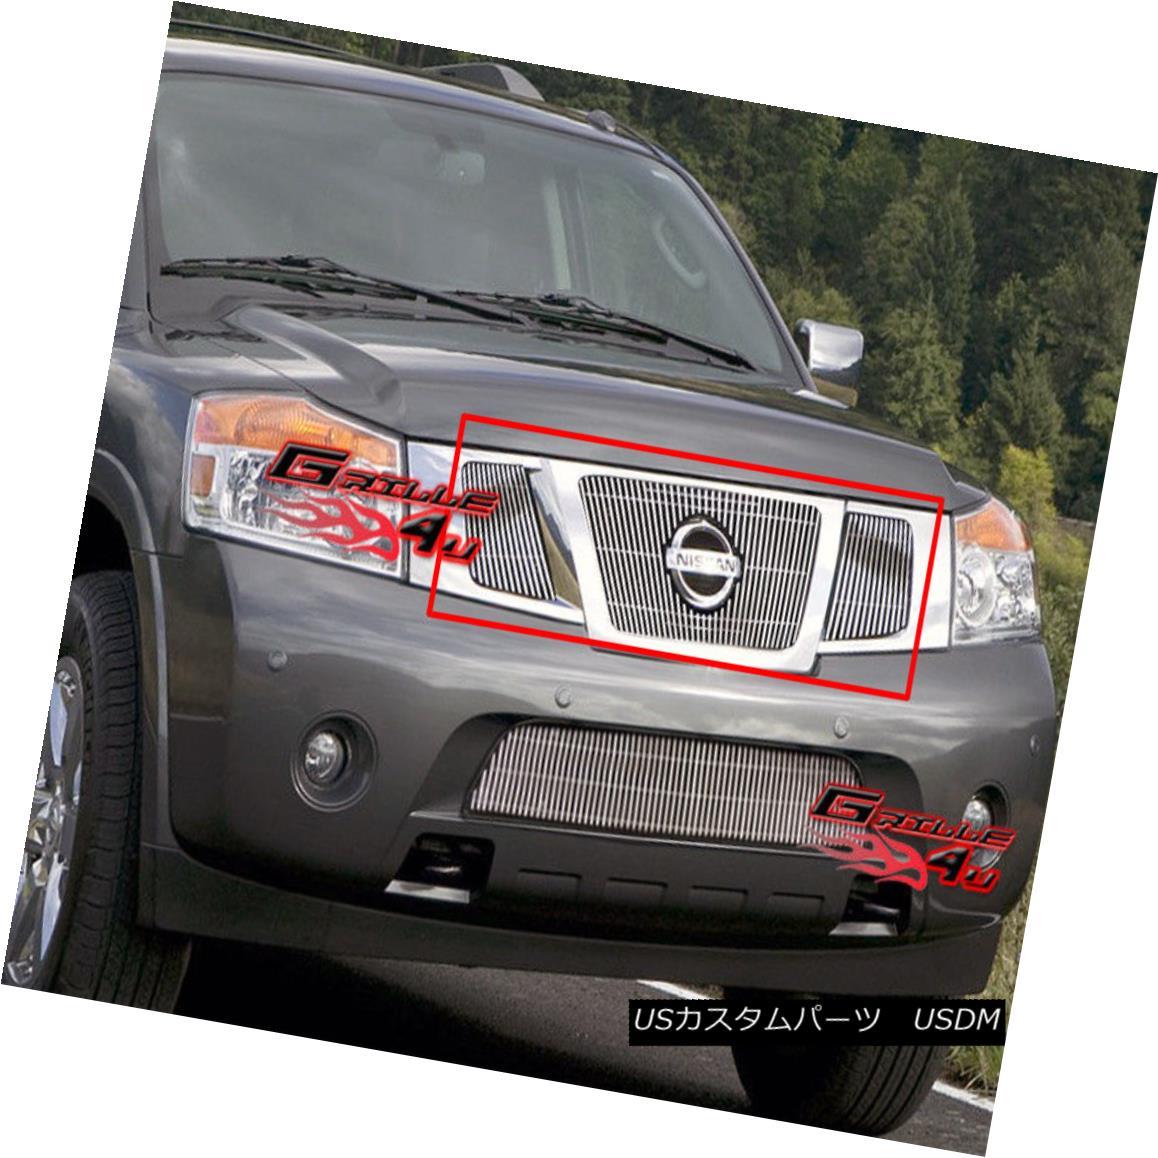 グリル Fits 2008-2015 Nissan Armada Vertical Billet Grille Insert With Logo Show フィット2008-2015日産アルマダ縦型ビレットグリルインサートロゴショー